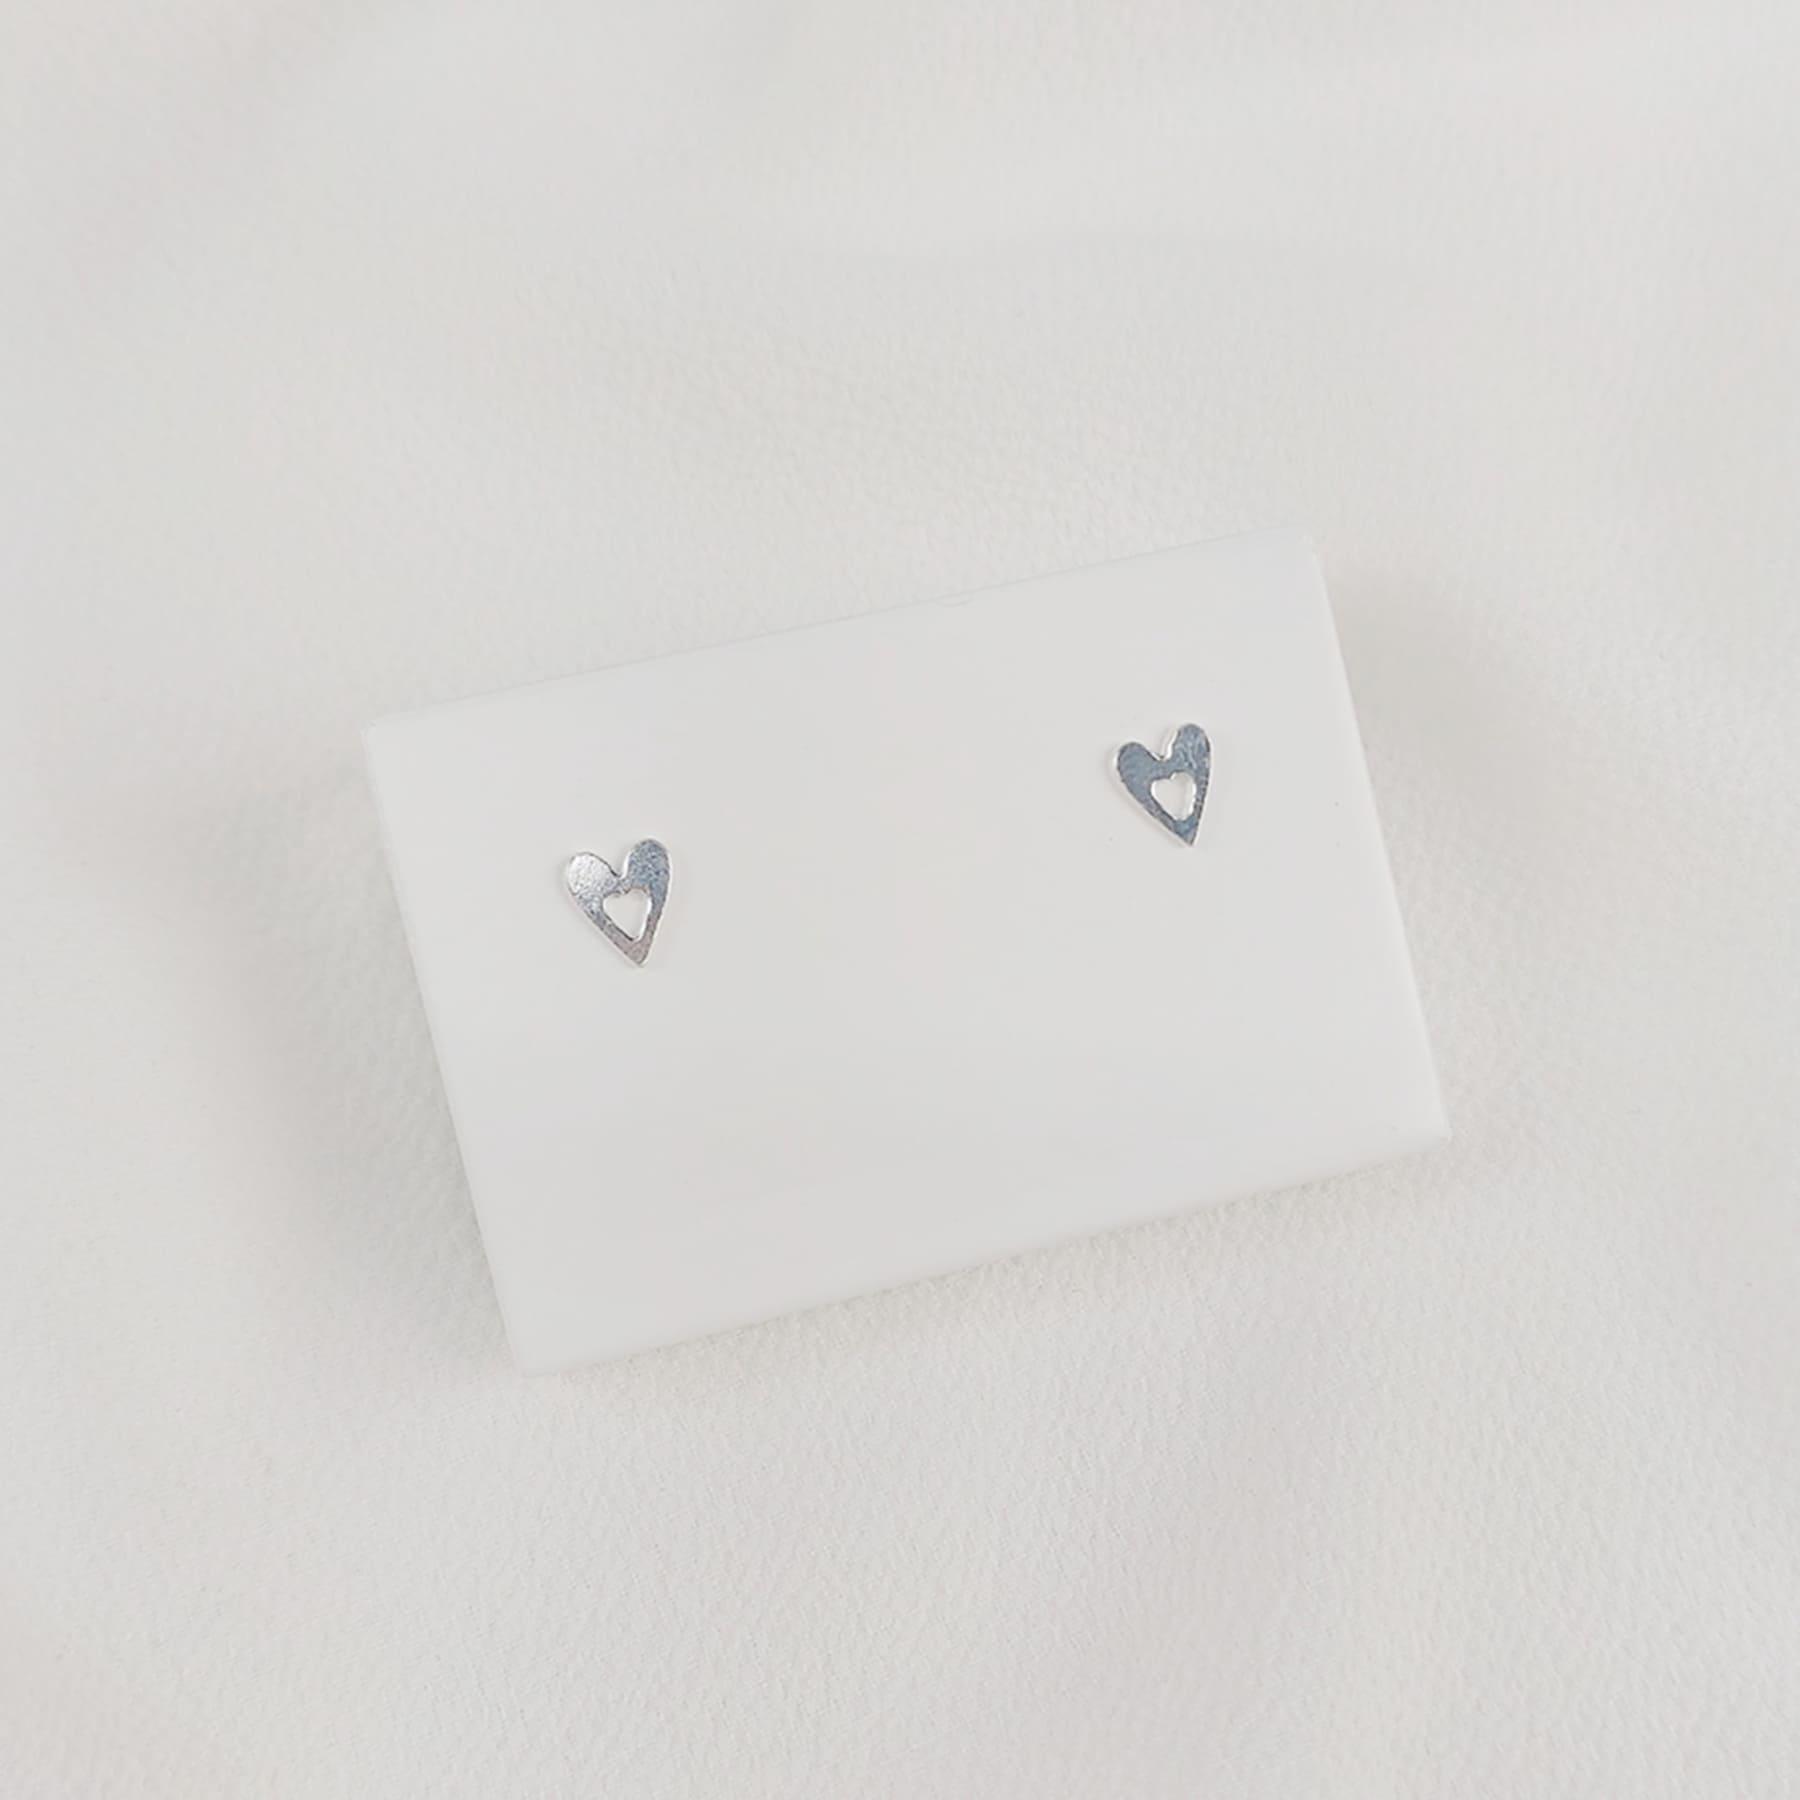 Brinco Prata Coração Vazado Com Tarraxa Baby